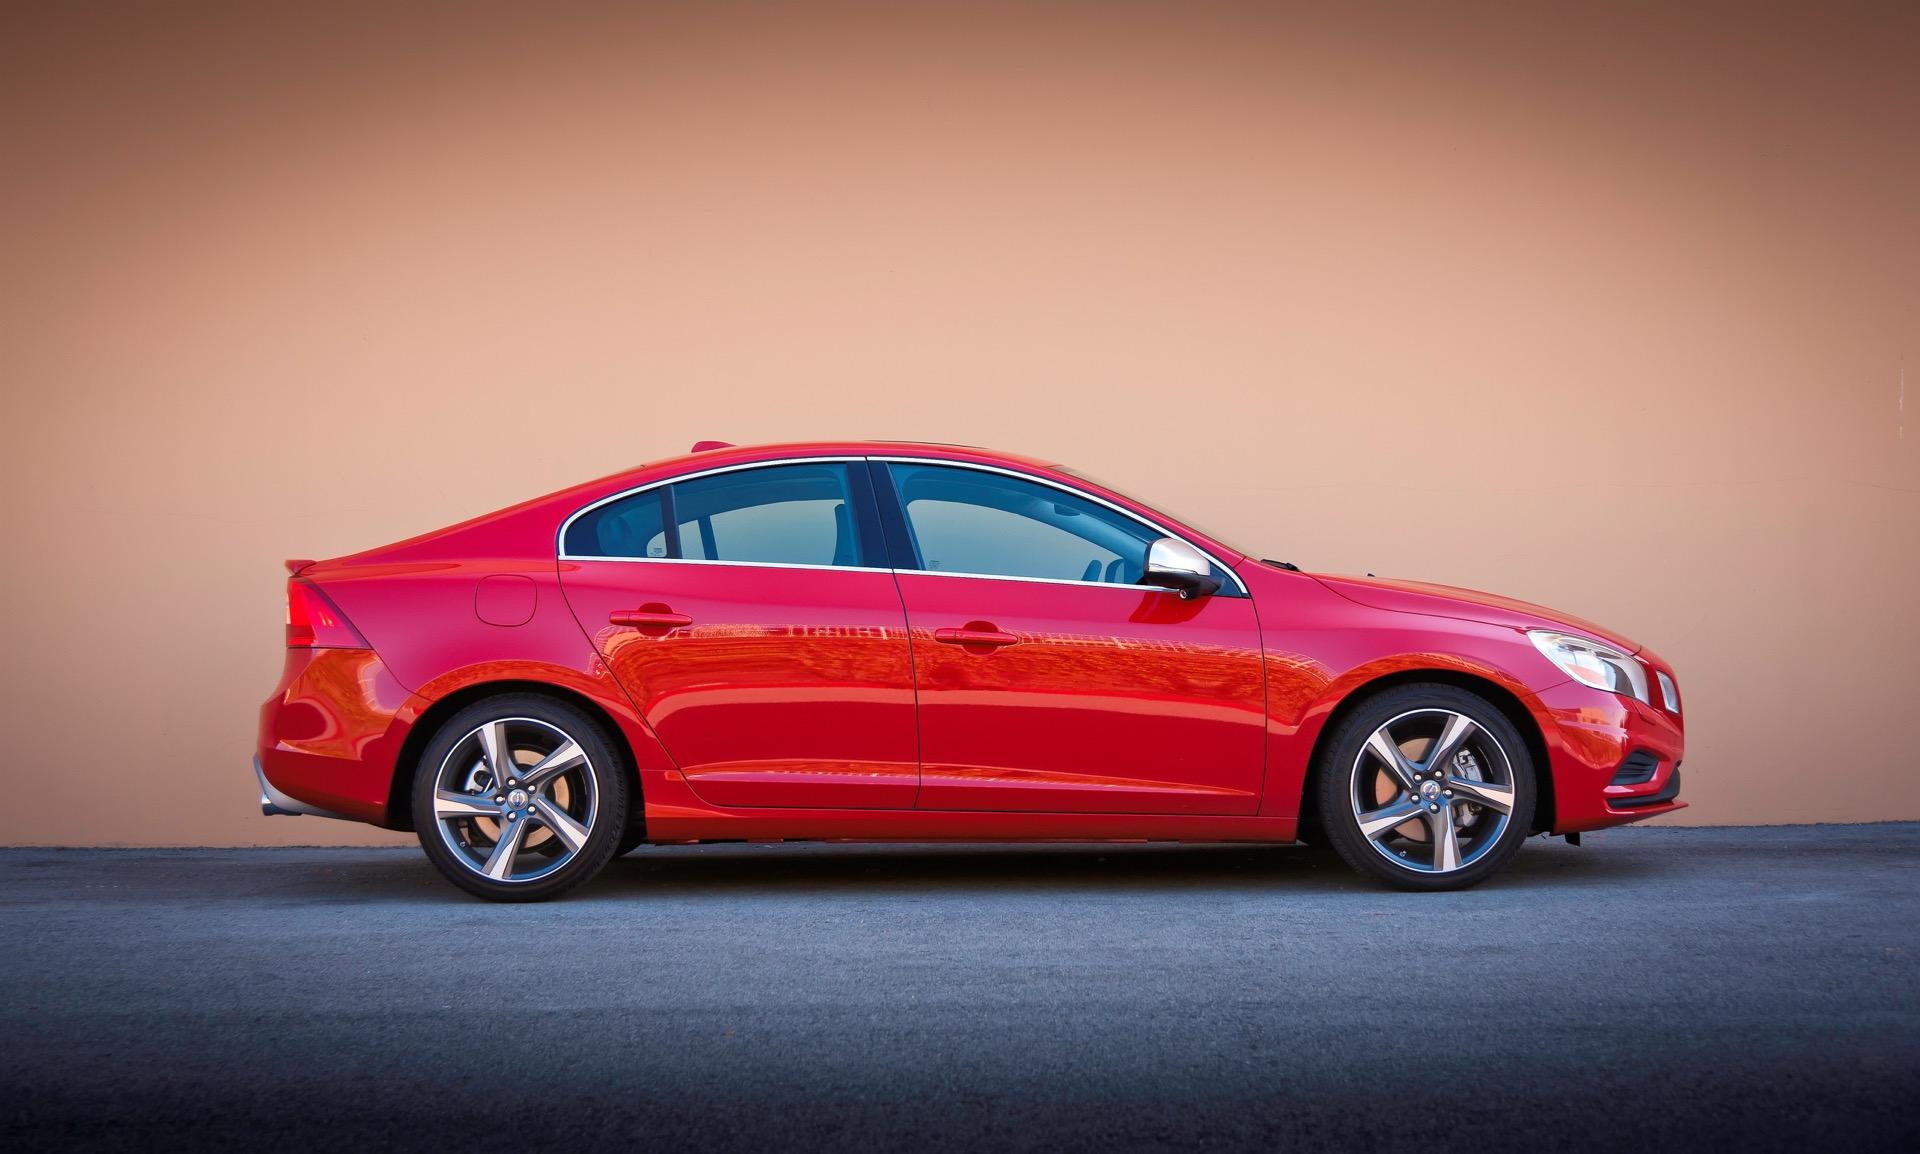 S60 R Design11 -  Volvo